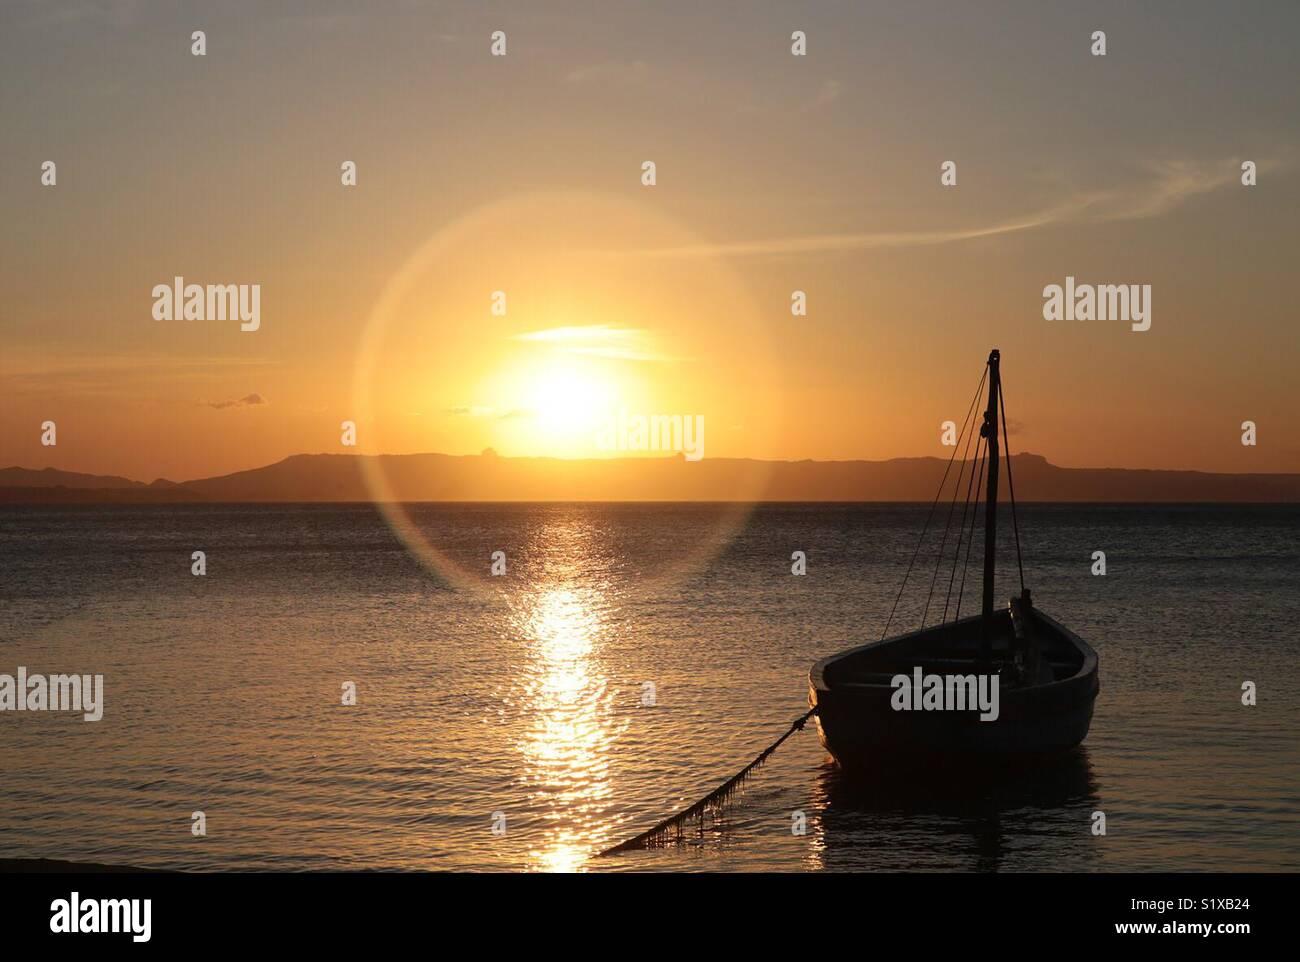 Puesta de sol - Stock Image